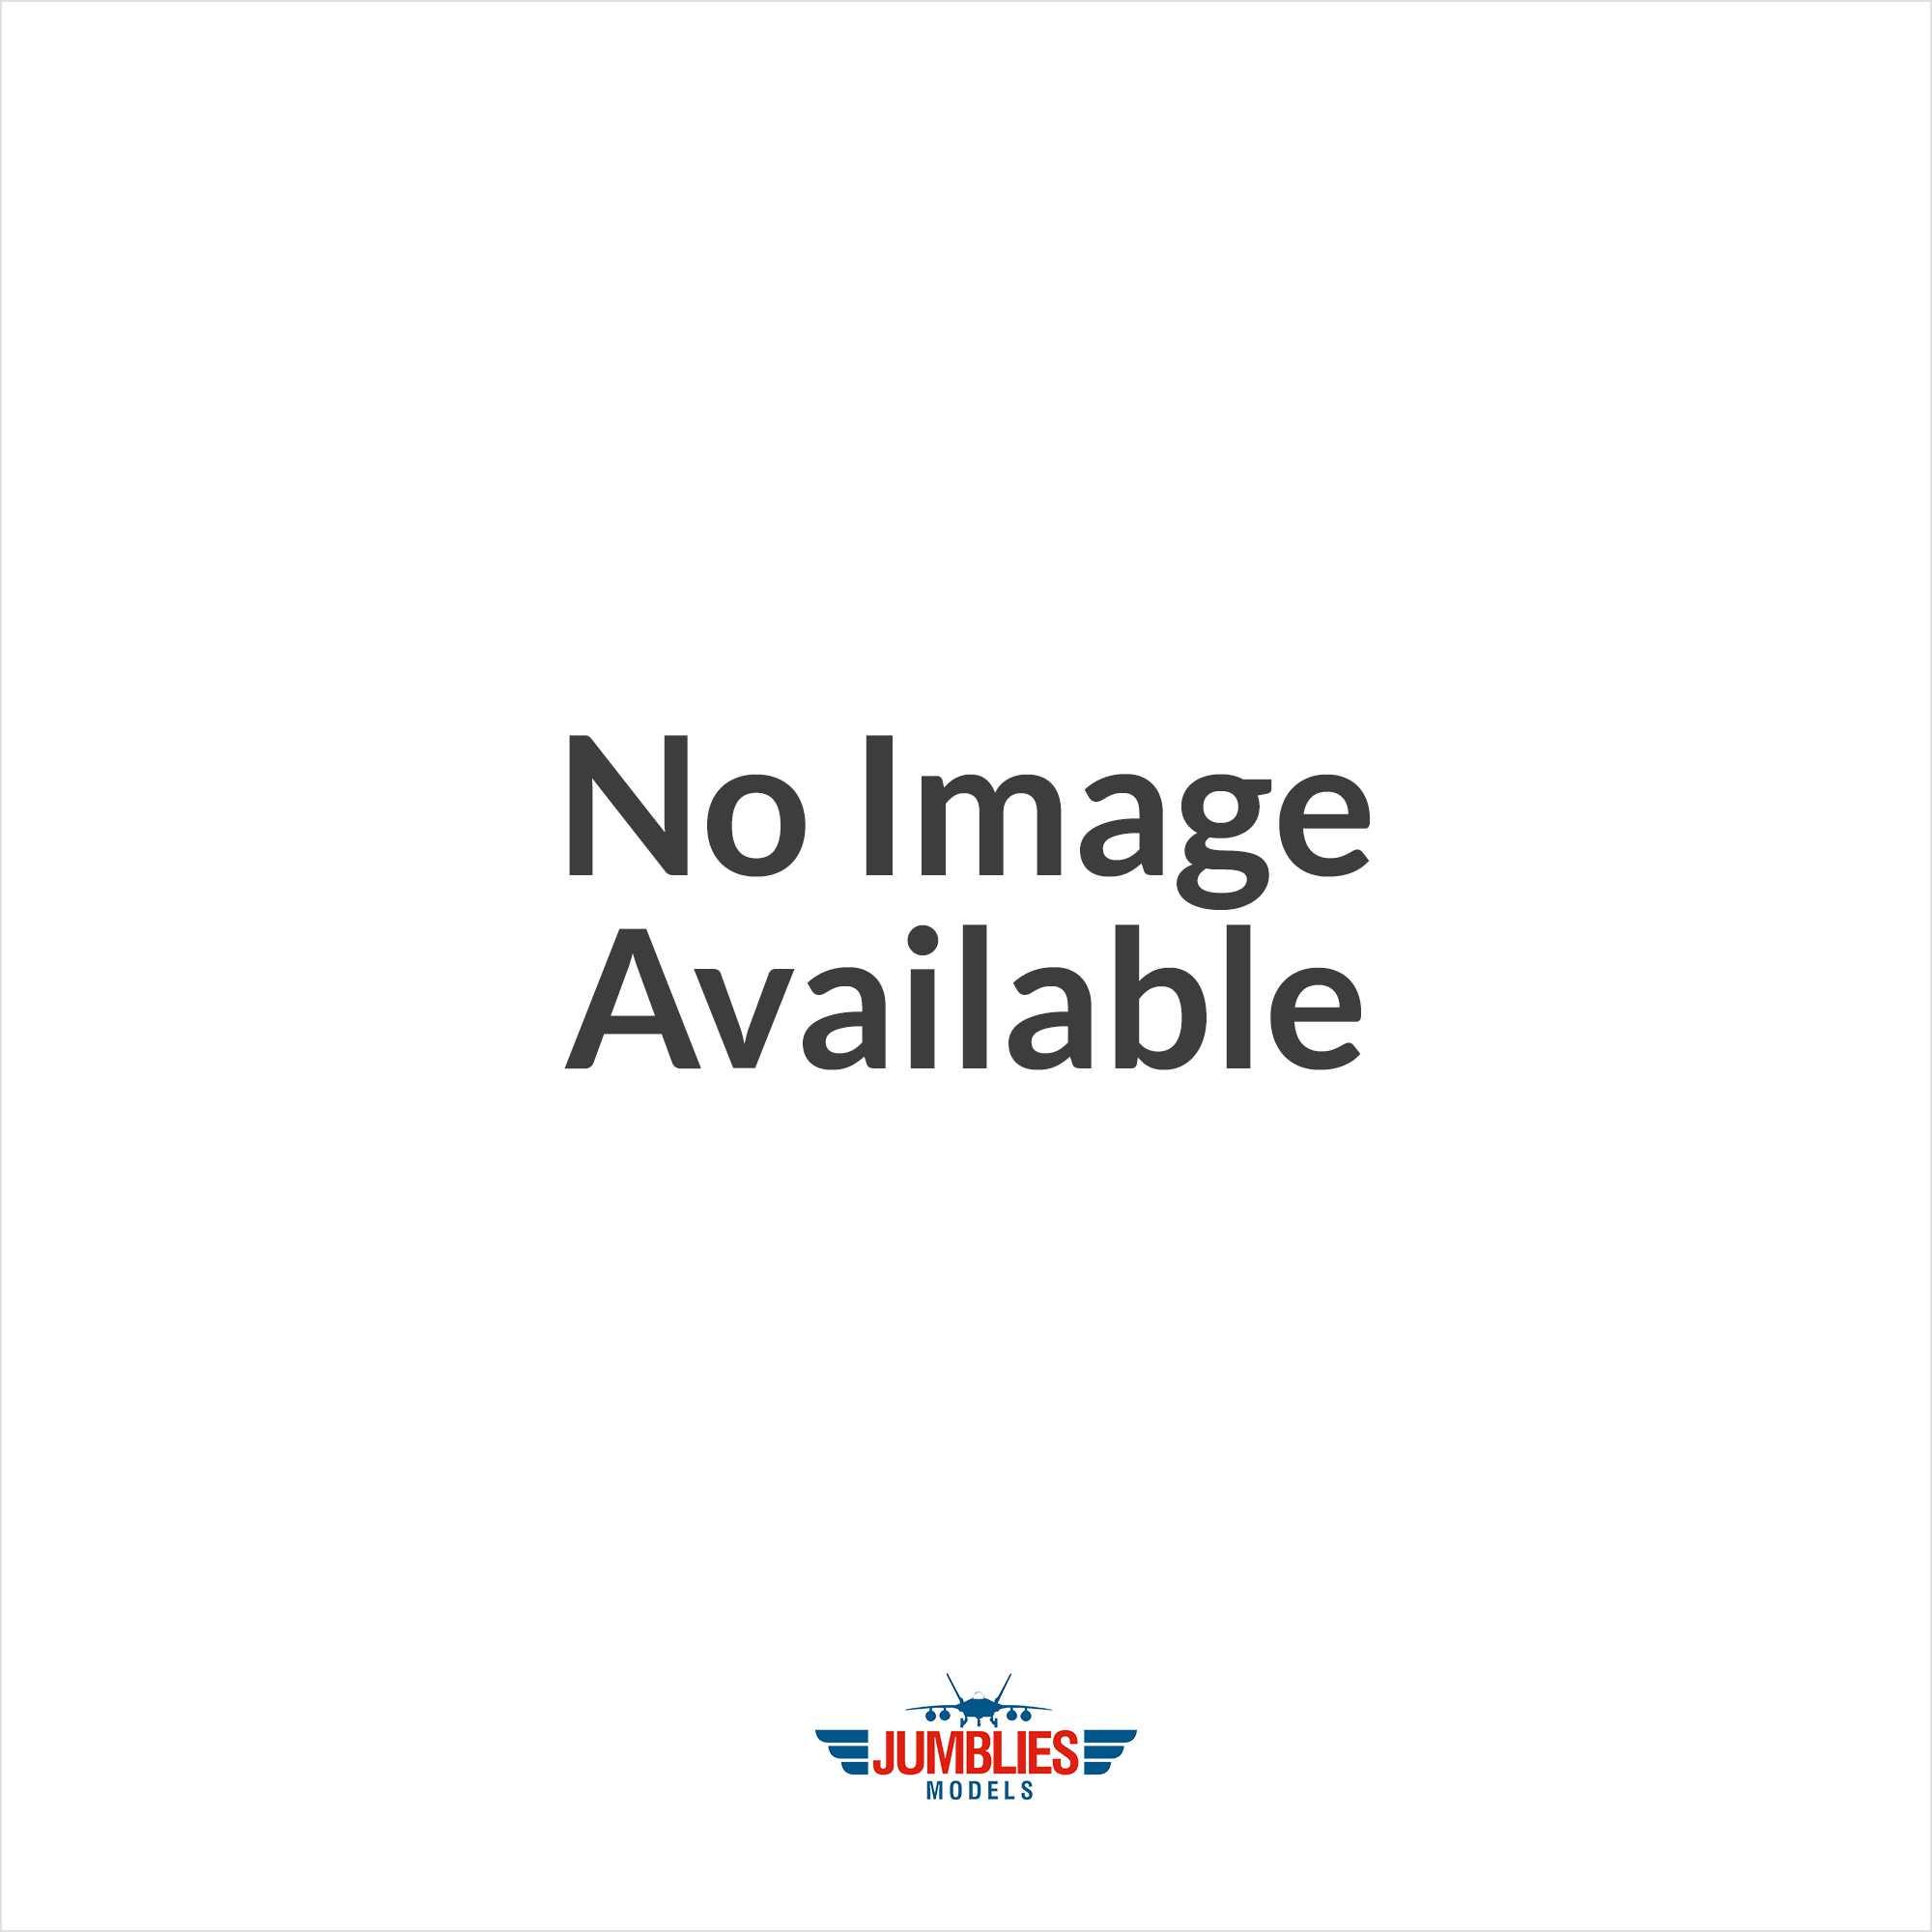 JC Wings 1:72 F-15C Eagle SAF 33rd TFW, Gulf Spirit #85-0102, Rick Parsons, Eglin AFB, FL